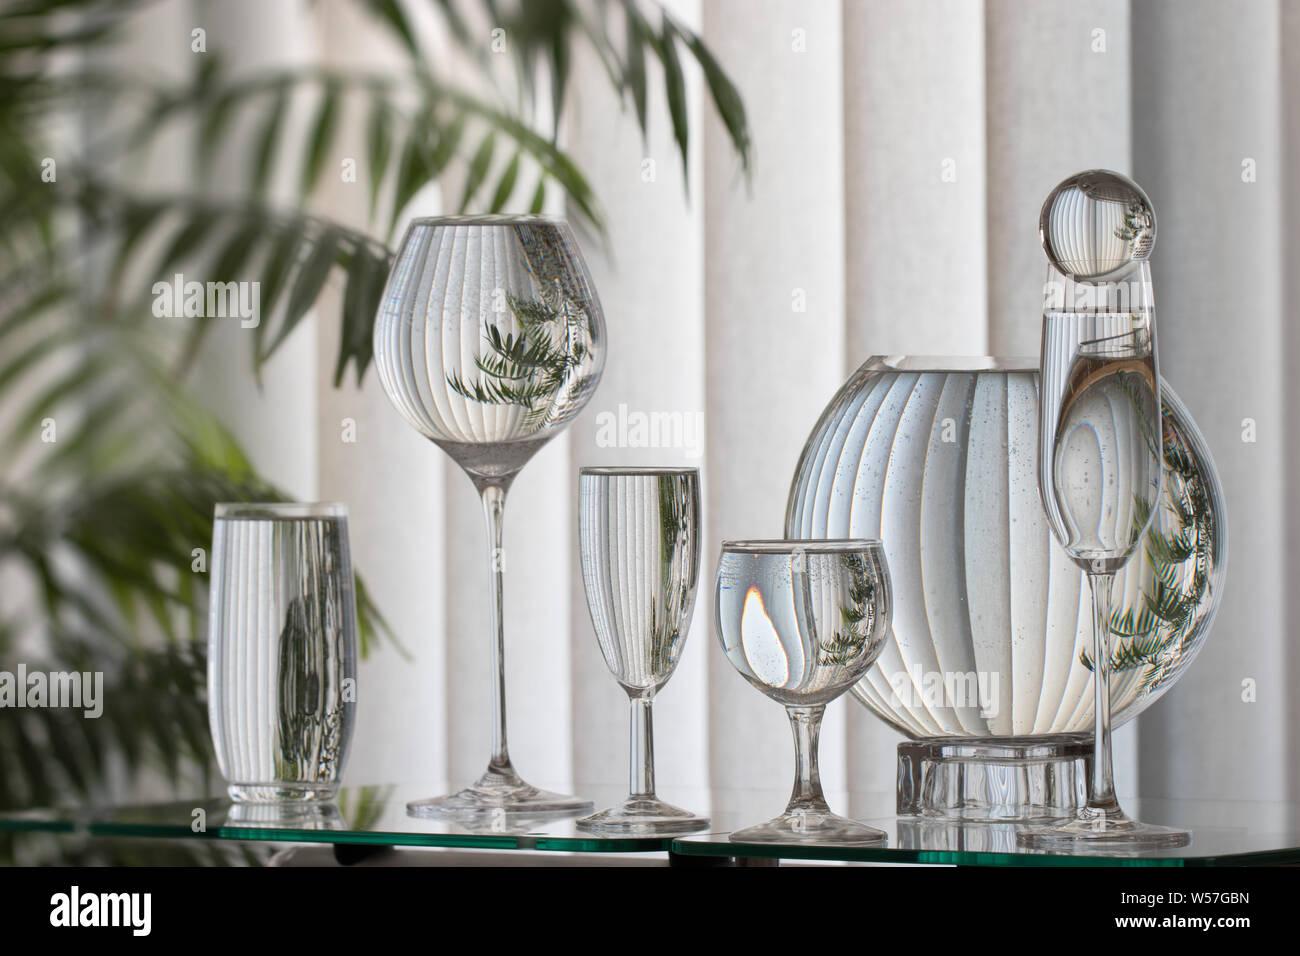 Diverse mit Wasser gefüllte Gläser stehen auf einer Glasfläche. Dahinter eine graue Senkrecht-Jalousie mit einer grünen Palme un linker Seite. Jede ge Foto Stock